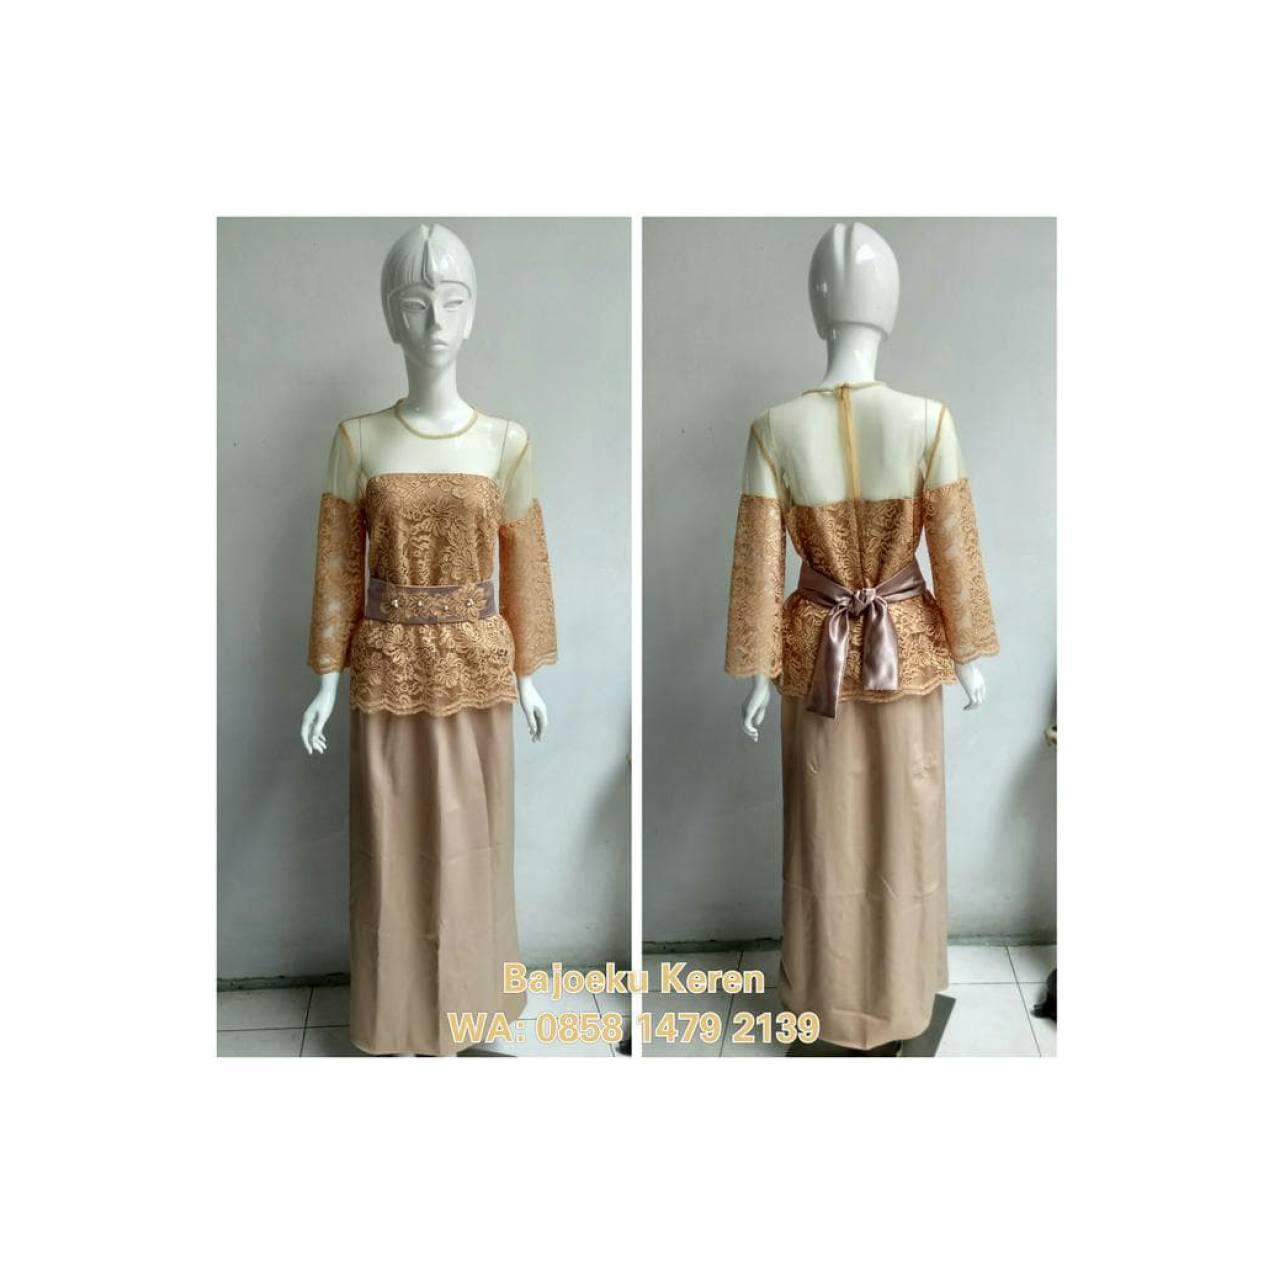 Promo Jasa Jahit Kebaya Dress Blouse Batik Gamis Kaftan Kemeja Dll